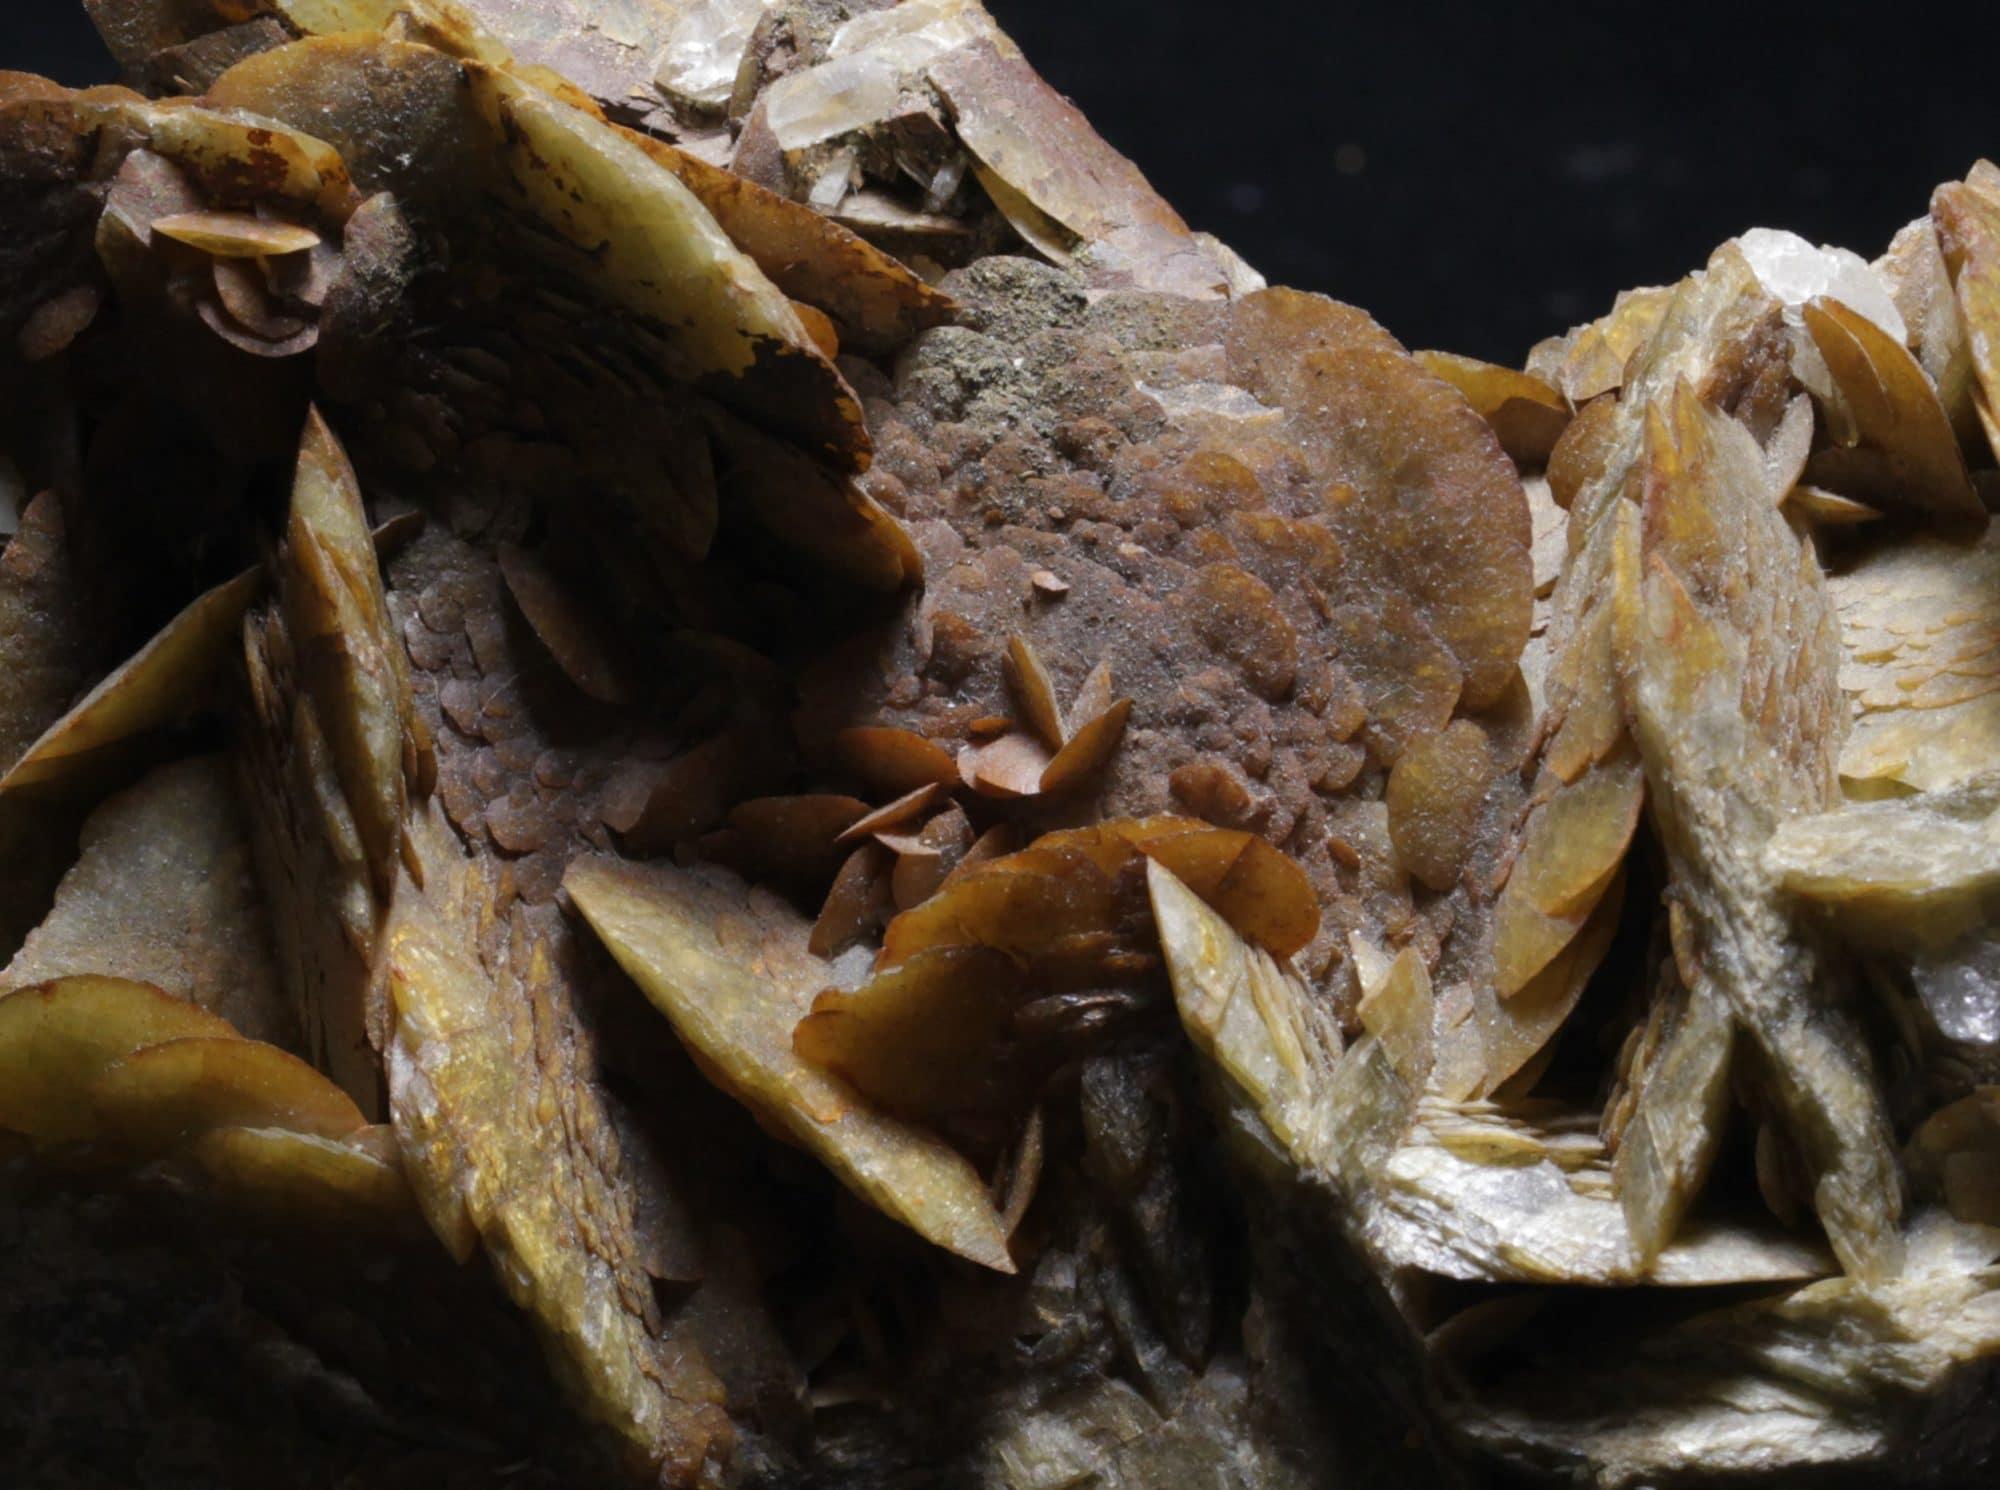 Cristaux de sidérite de la mine de la Mure en Isère (minéral alpin)